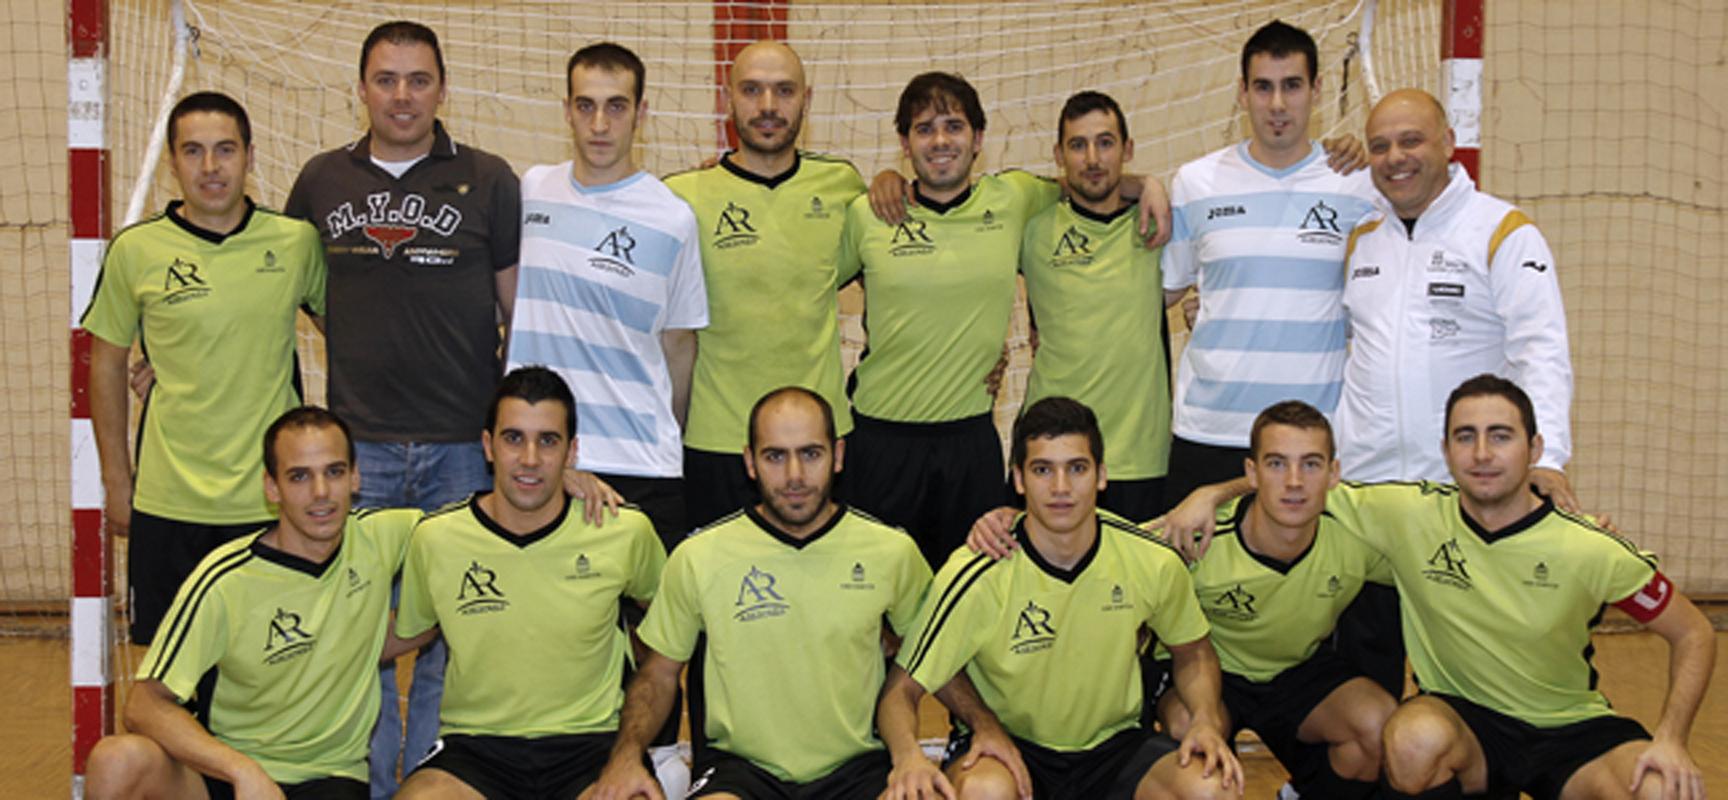 Plantilla del FS Cuéllar Cojalba en la temporada 2013-1014.